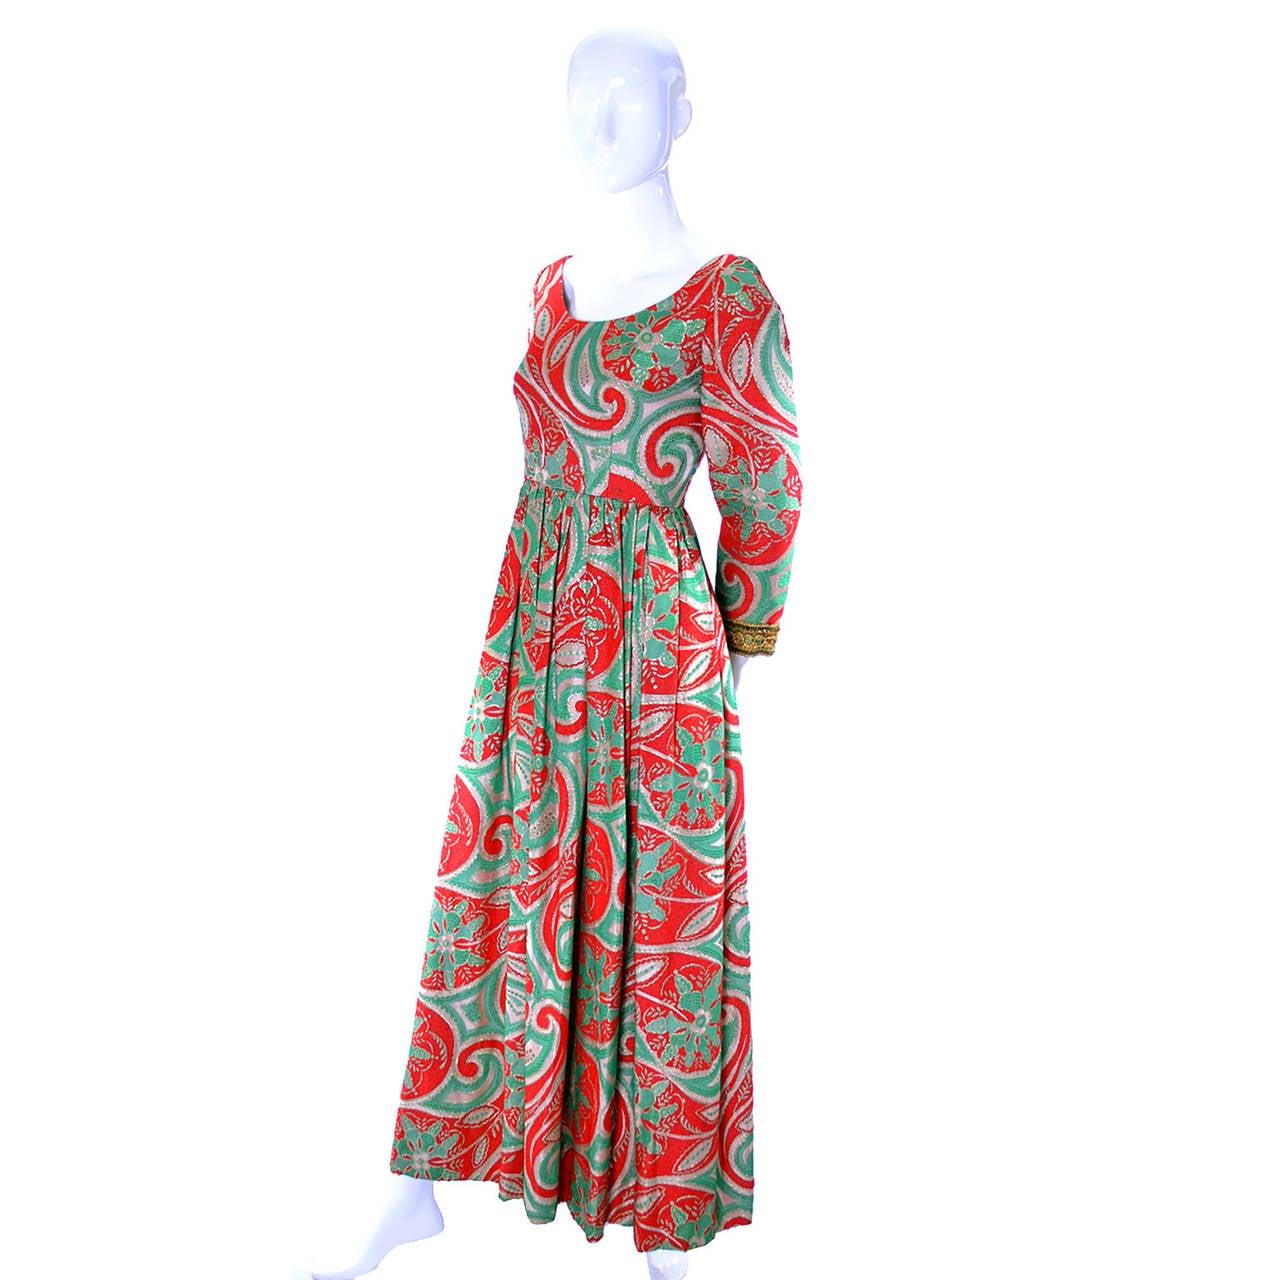 Brown Oscar de la Renta Dress Boutique Vintage Dress 1960s Metallic Paisley Maxi For Sale